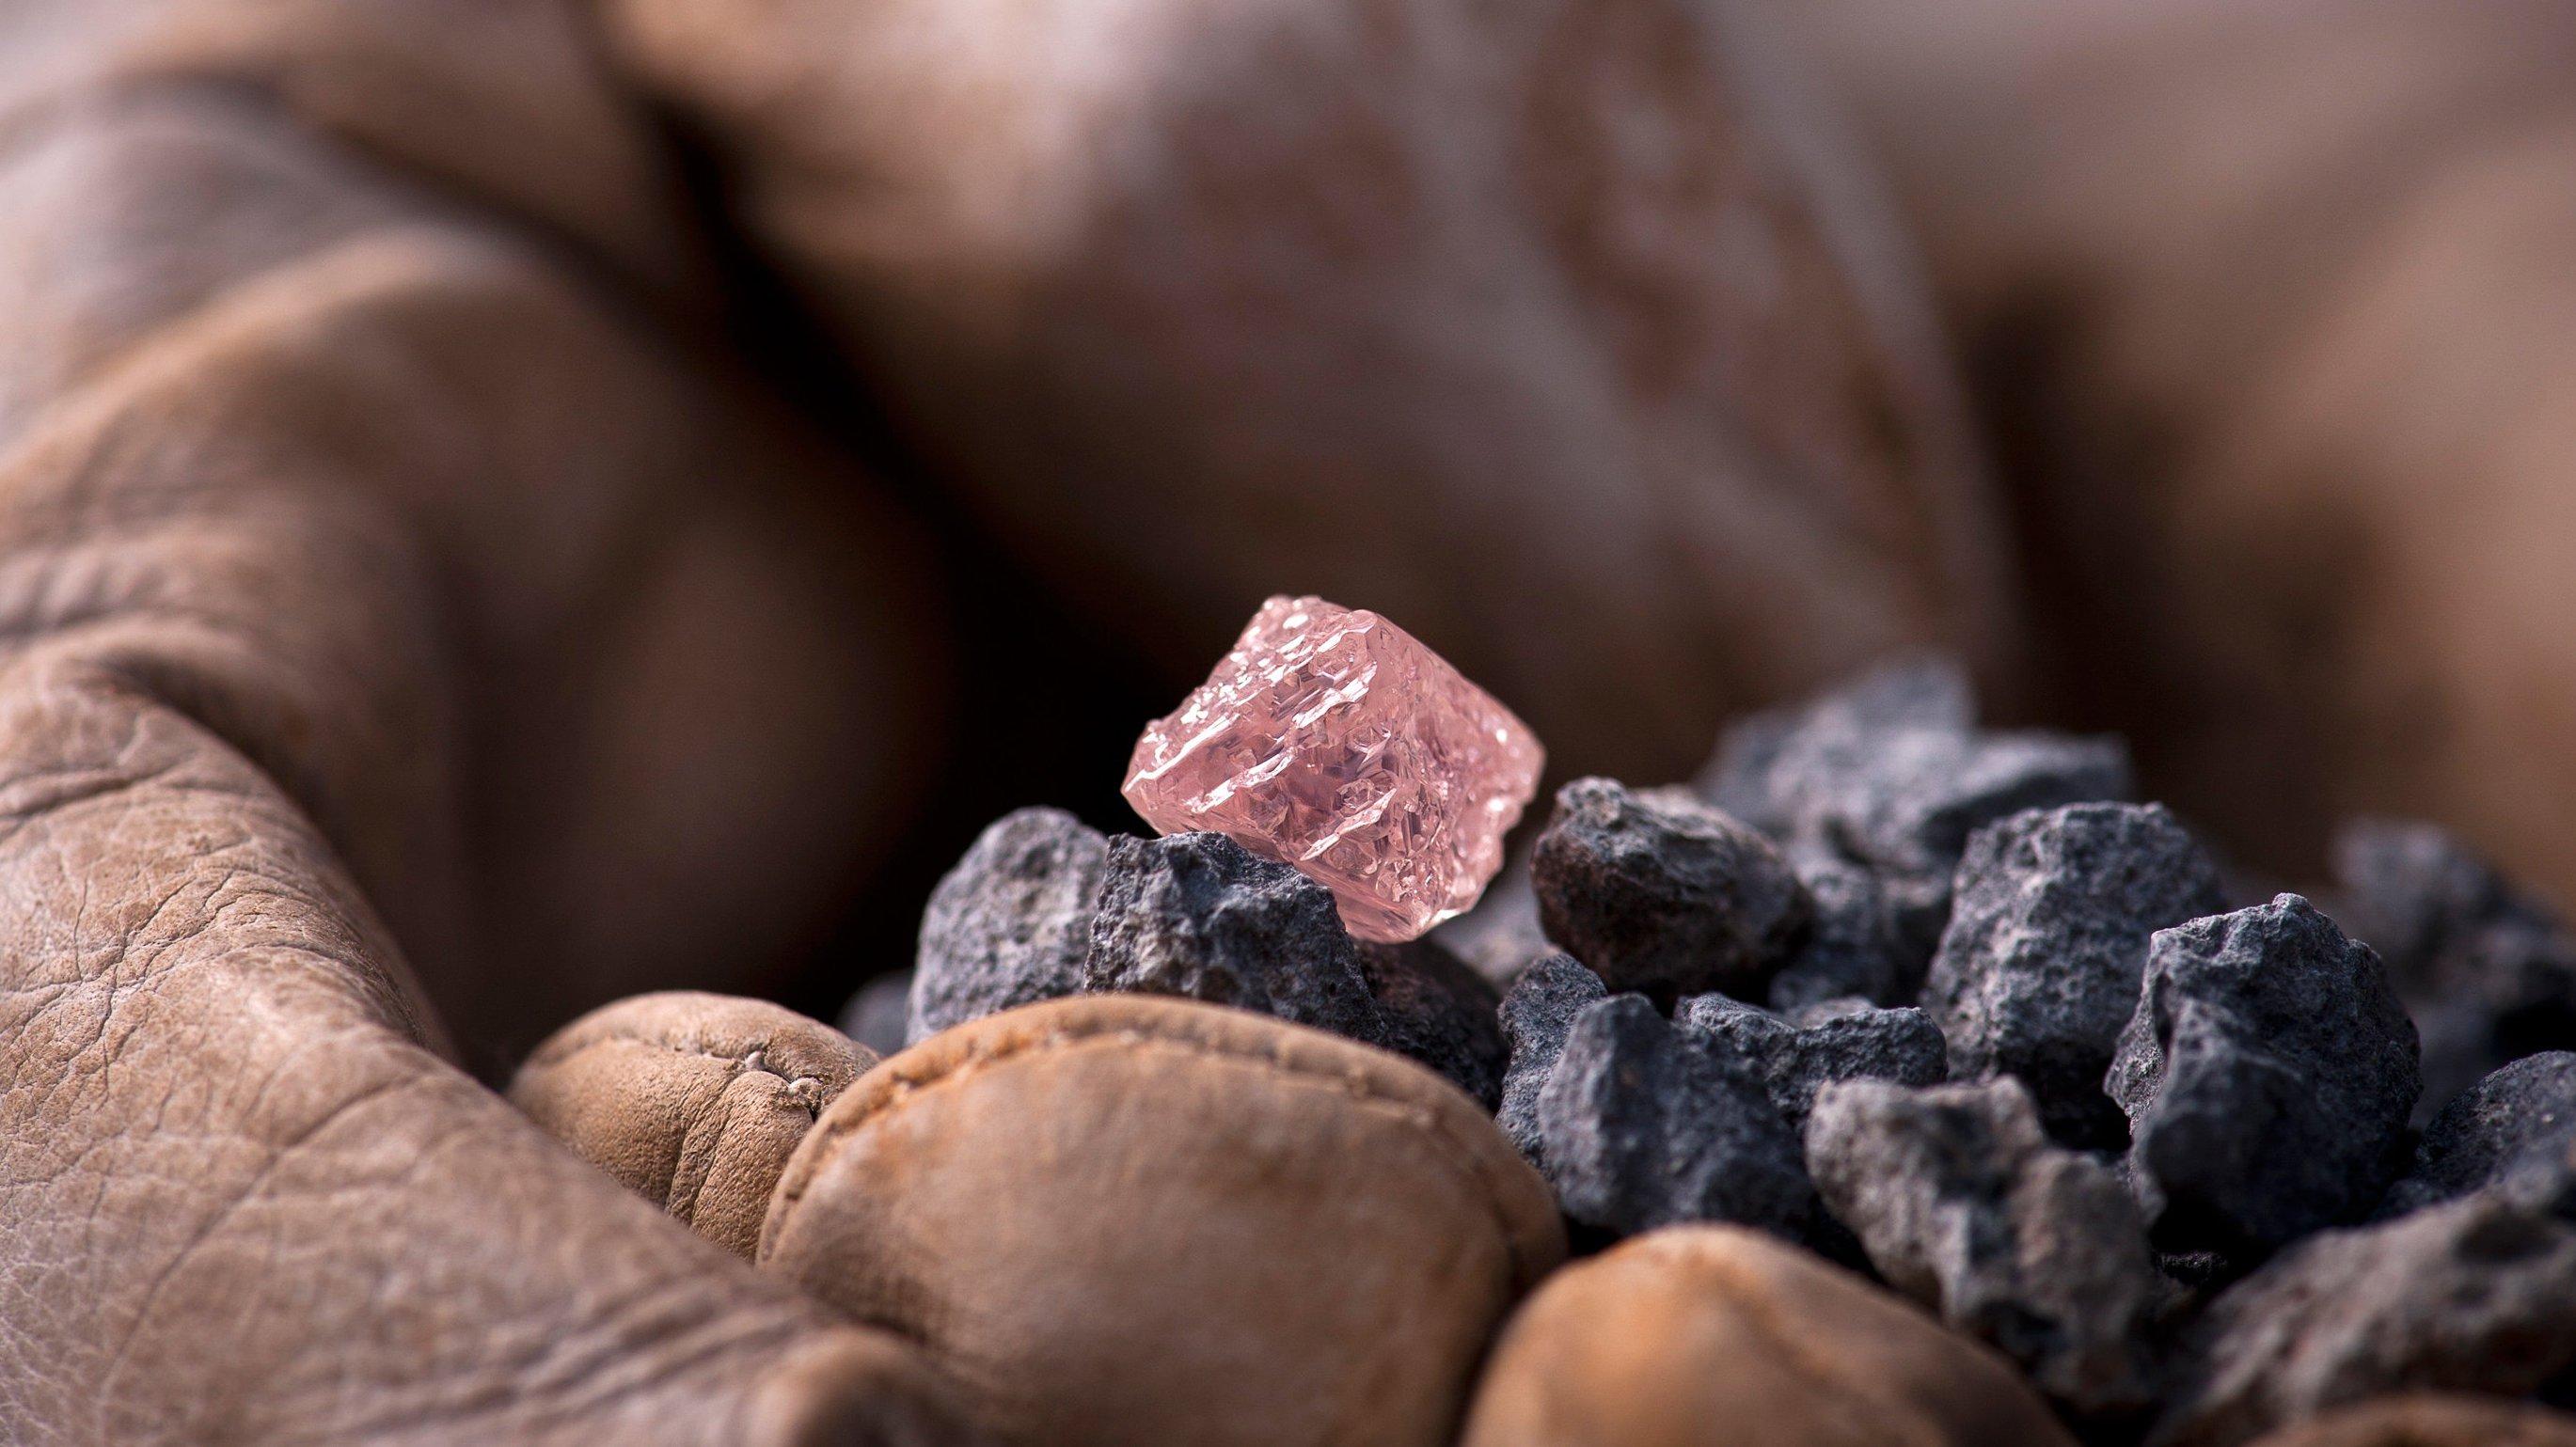 Das ist der größte, in Australien gefundene pinkfarbenen Diamant mit dem NamenArgyle Pink Jubilee: Forscher in Bristol nutzen das Isotop Kohlenstoff-14, um künstliche Diamanten zu fertigen, die Strom abgeben.